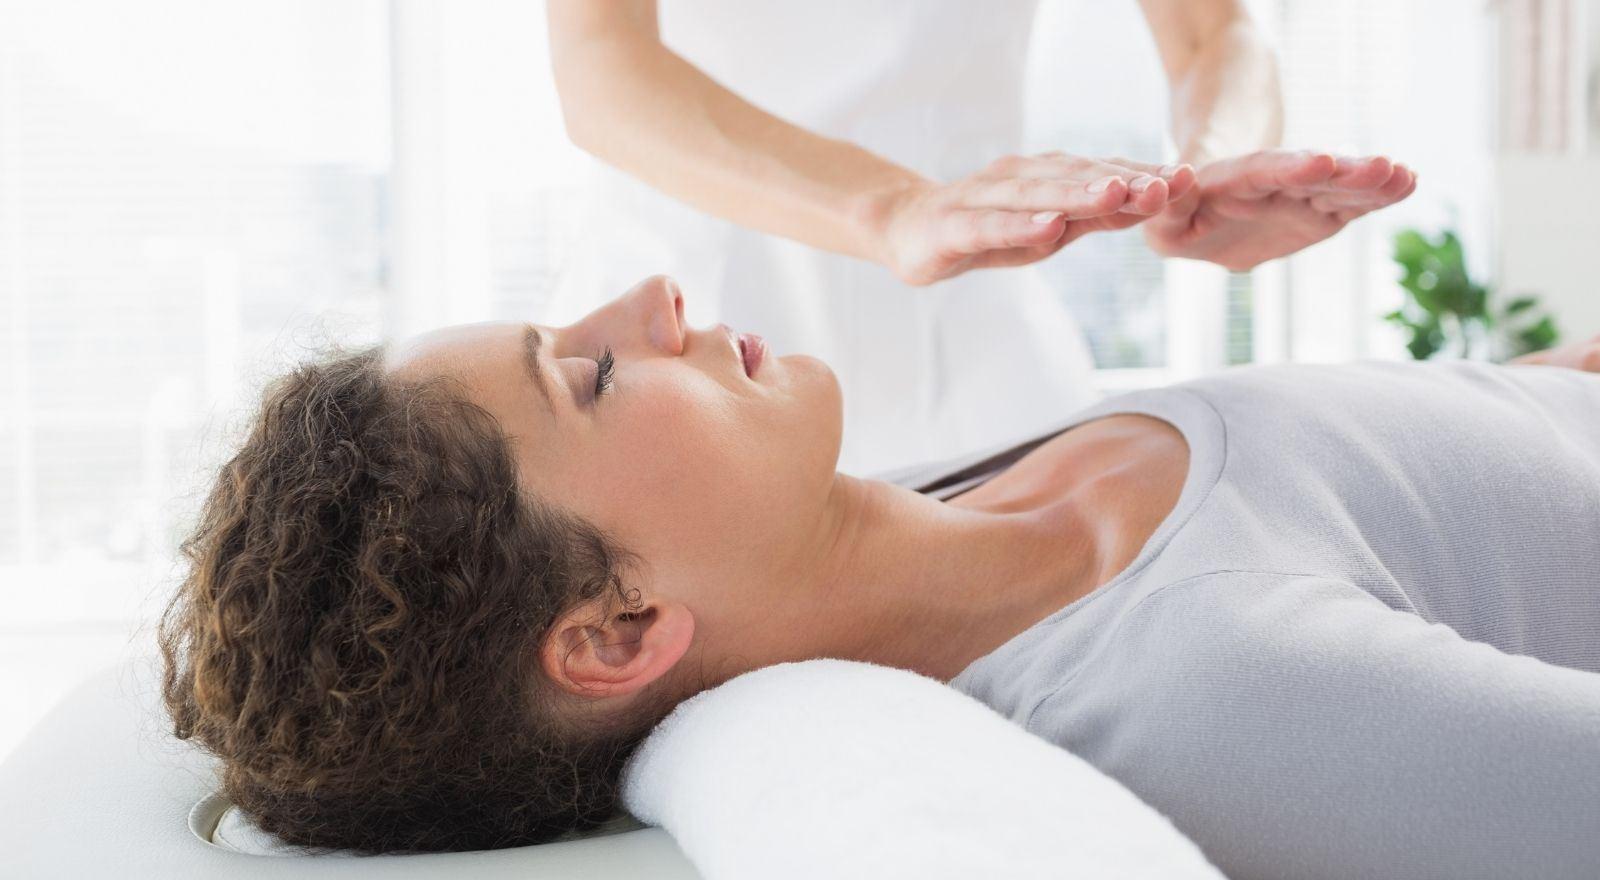 Therapeut behandelt cliënt met reiki uit de opleiding Reiki Master